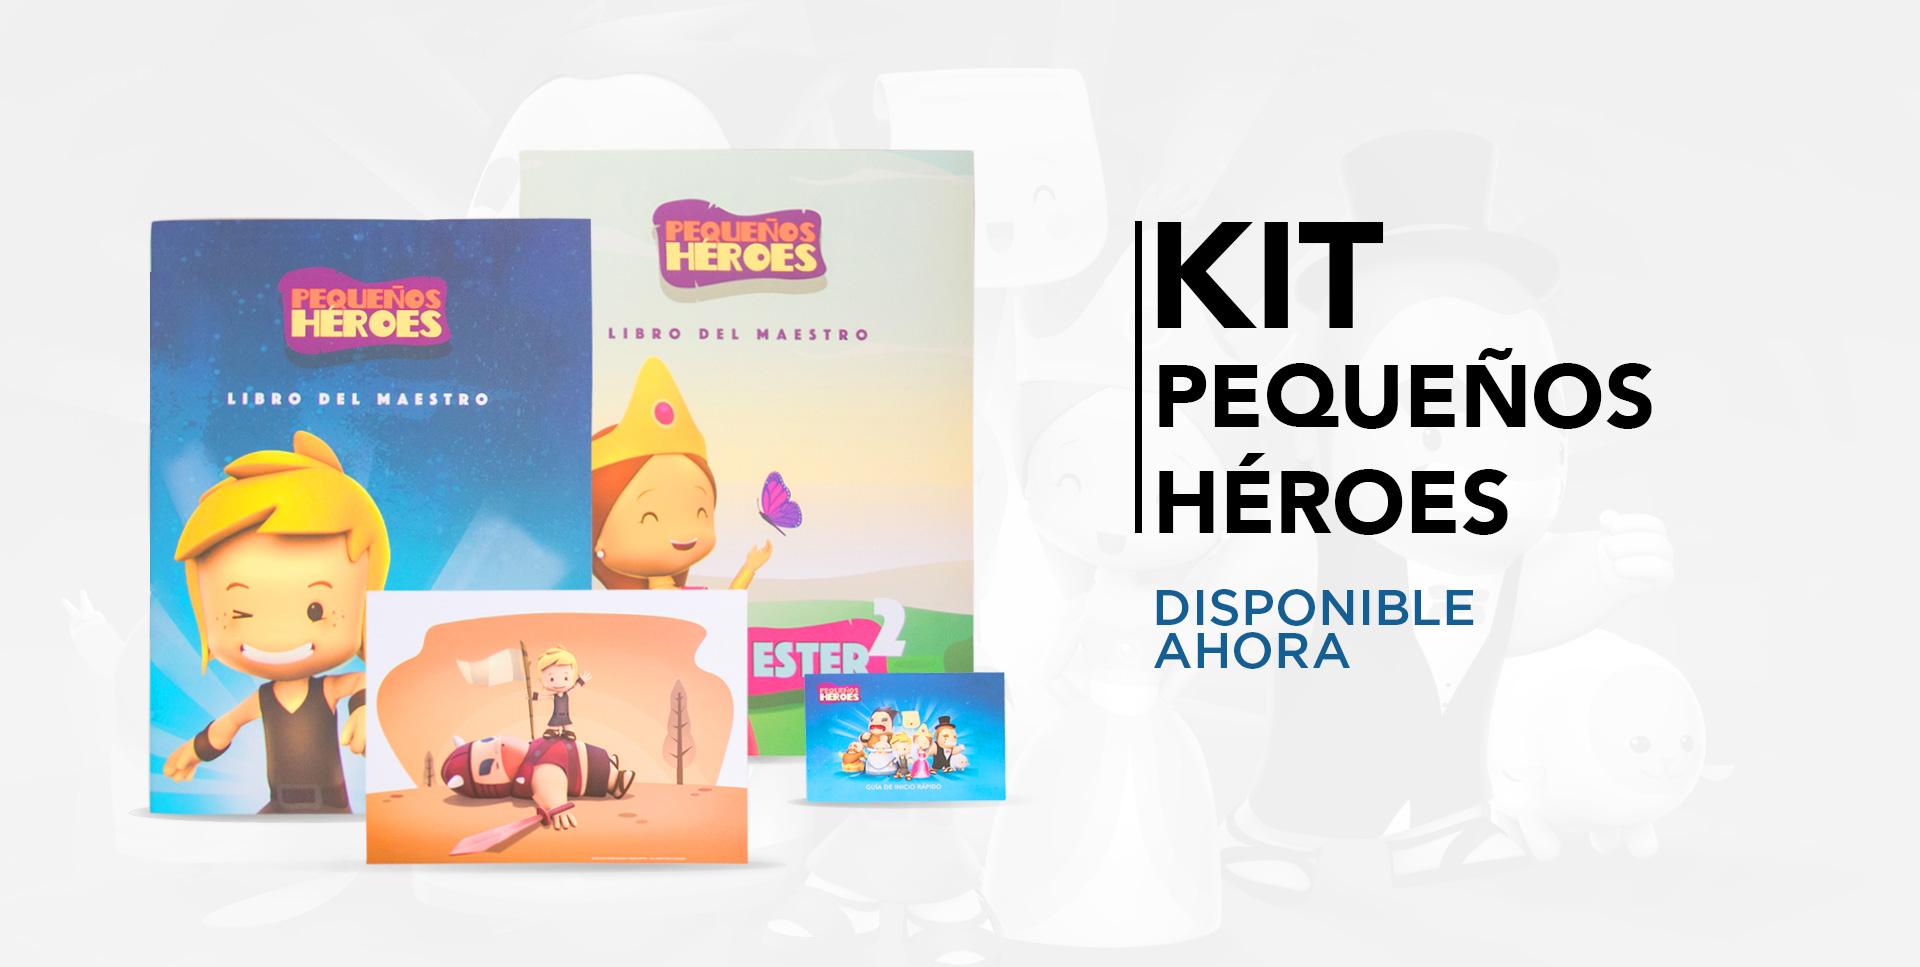 kit-peq-heroes